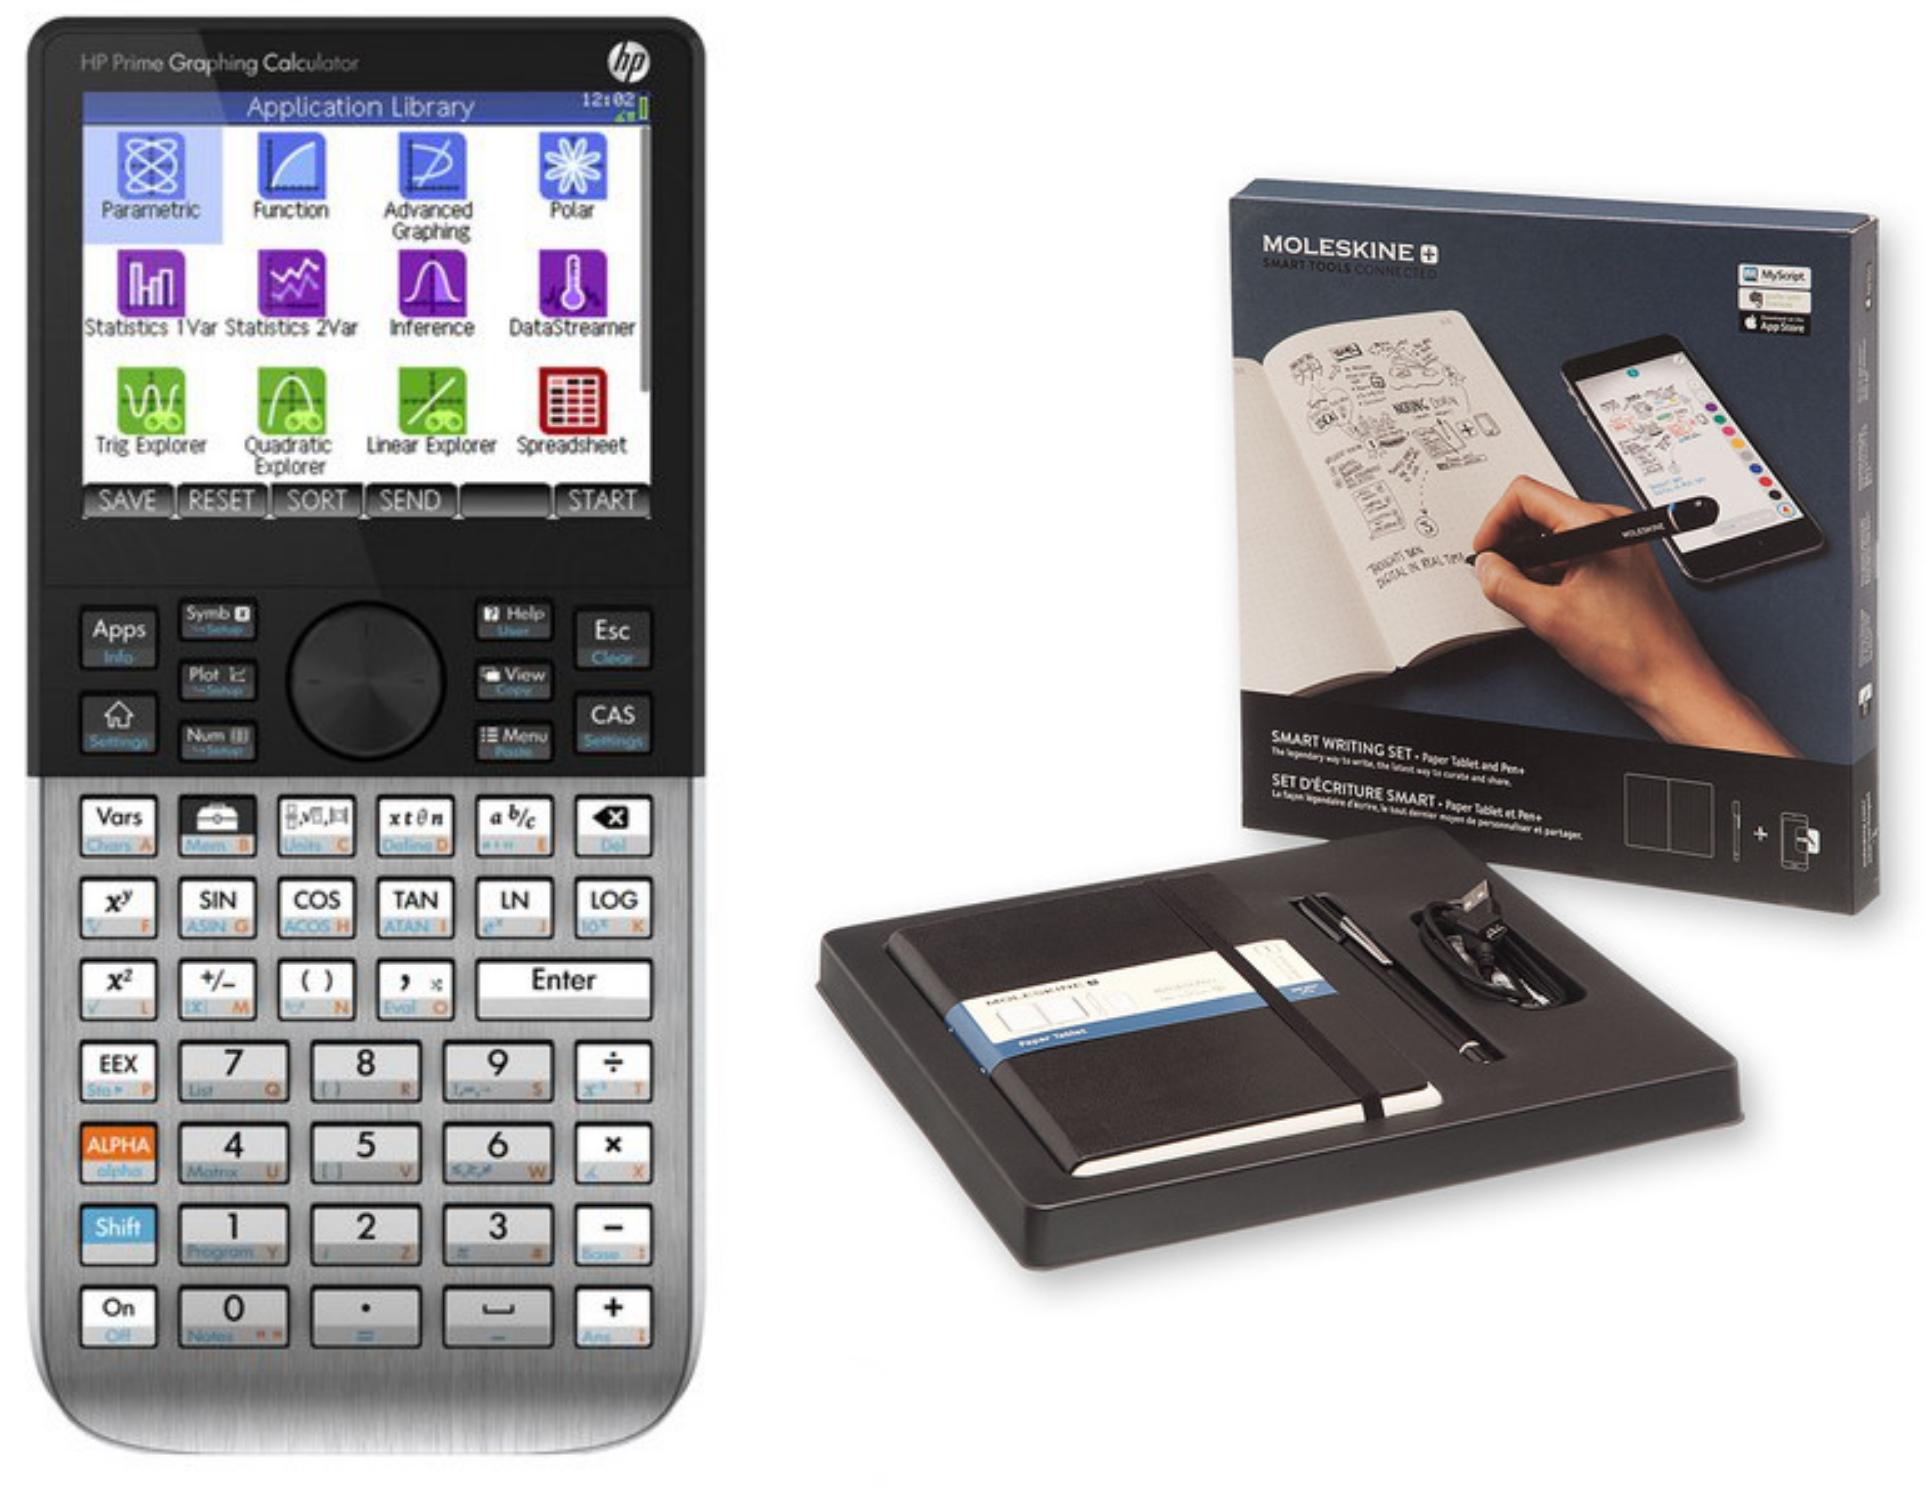 Calculadora gráfica HP o Smart Moleskine set por 40€